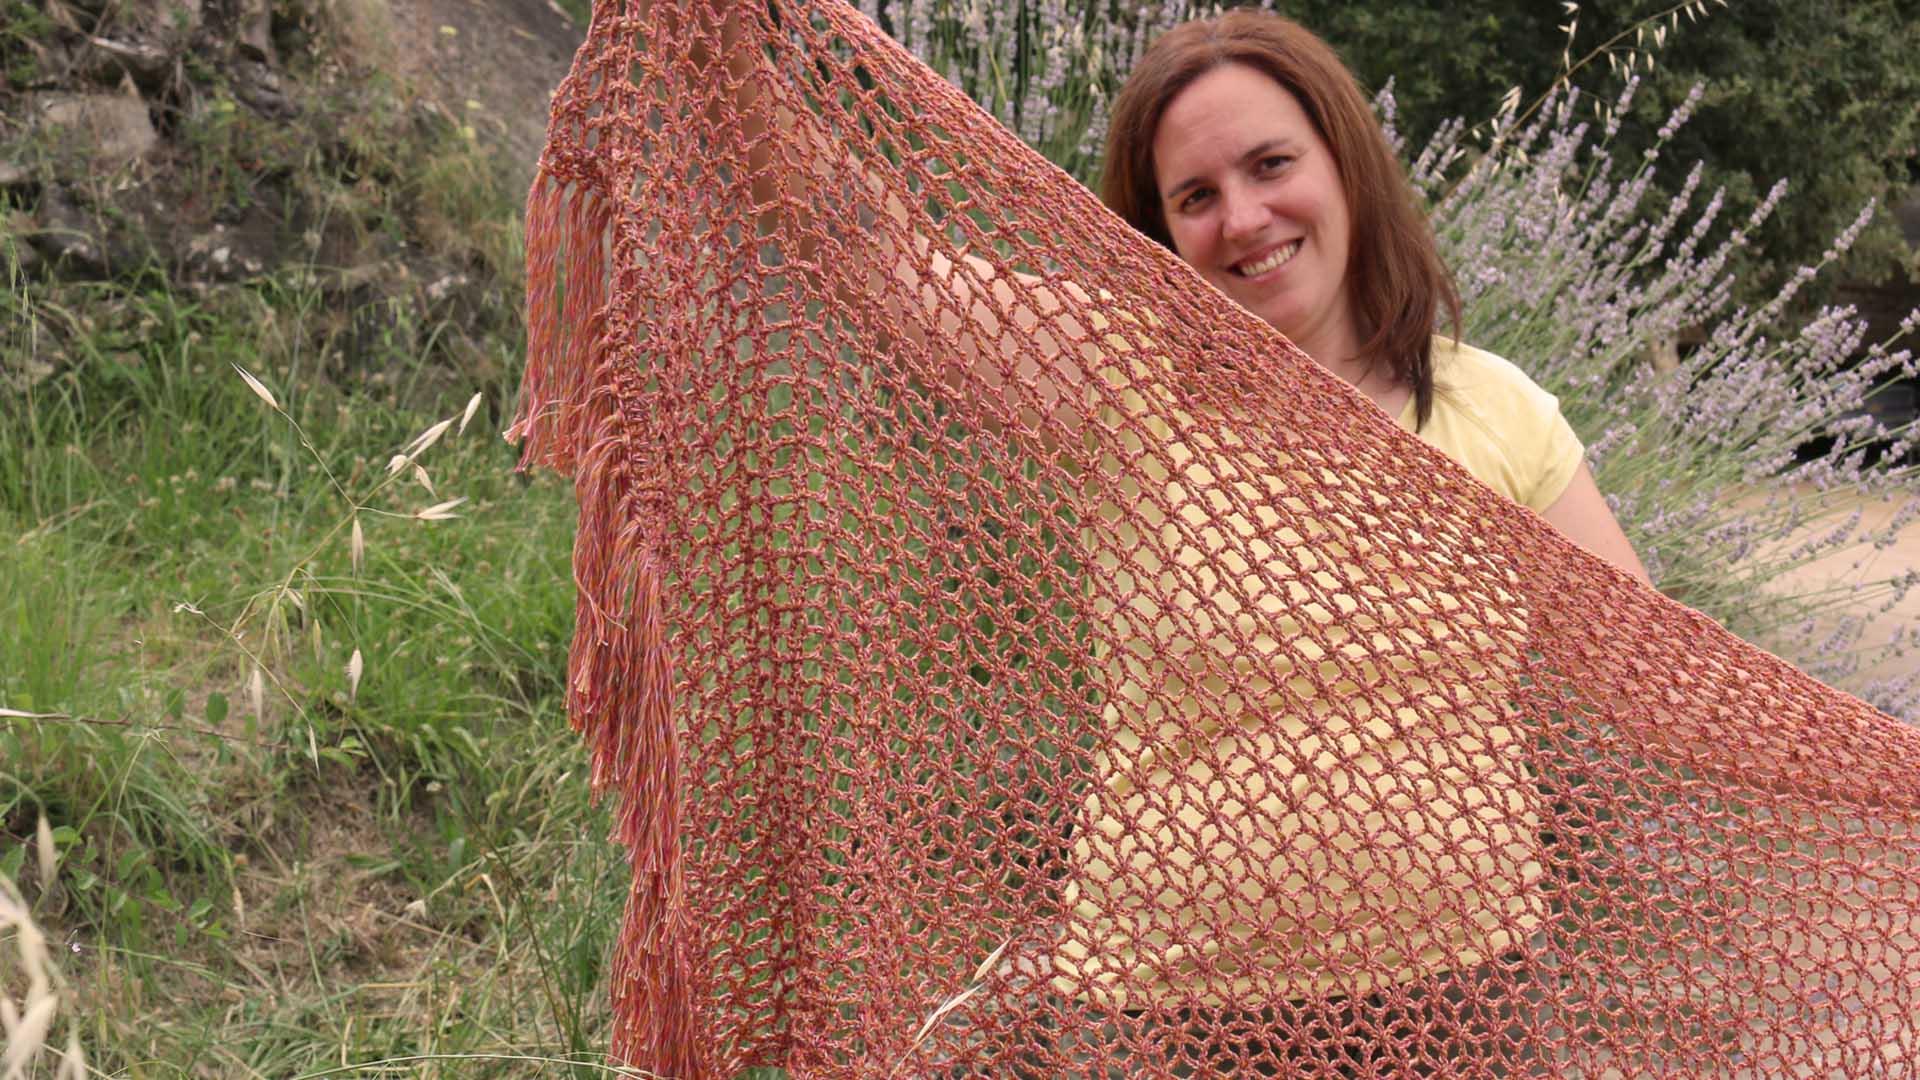 crochet lace shawl star stitch free pattern